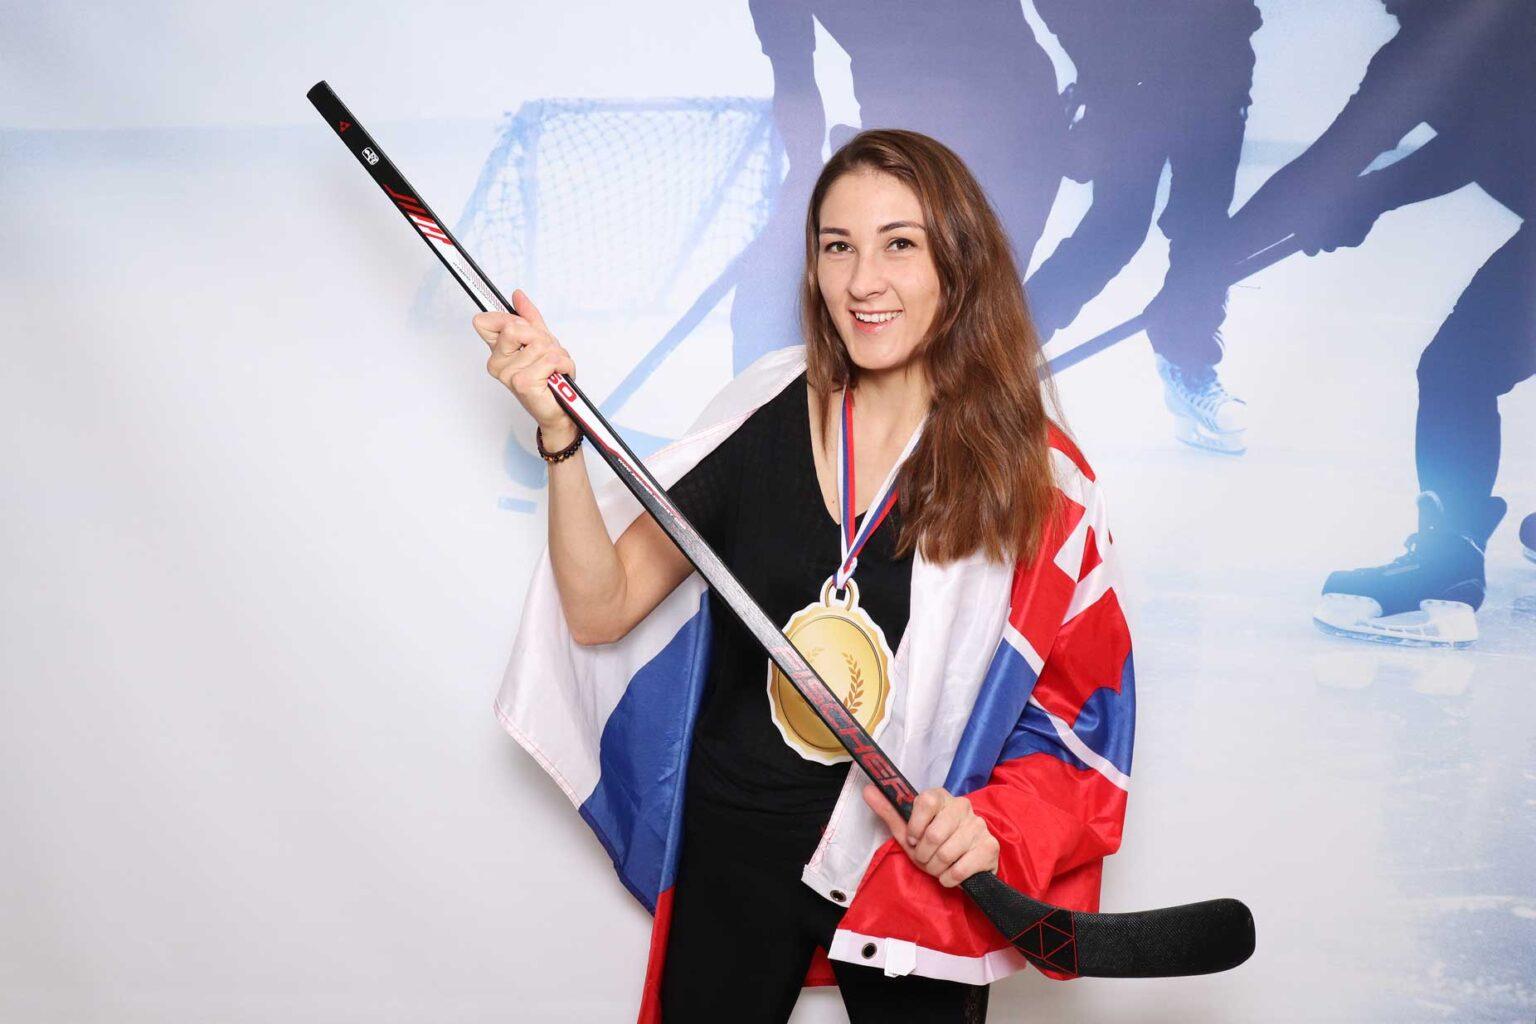 Pozadie Ice hockey - fotokútik na hokejový event.